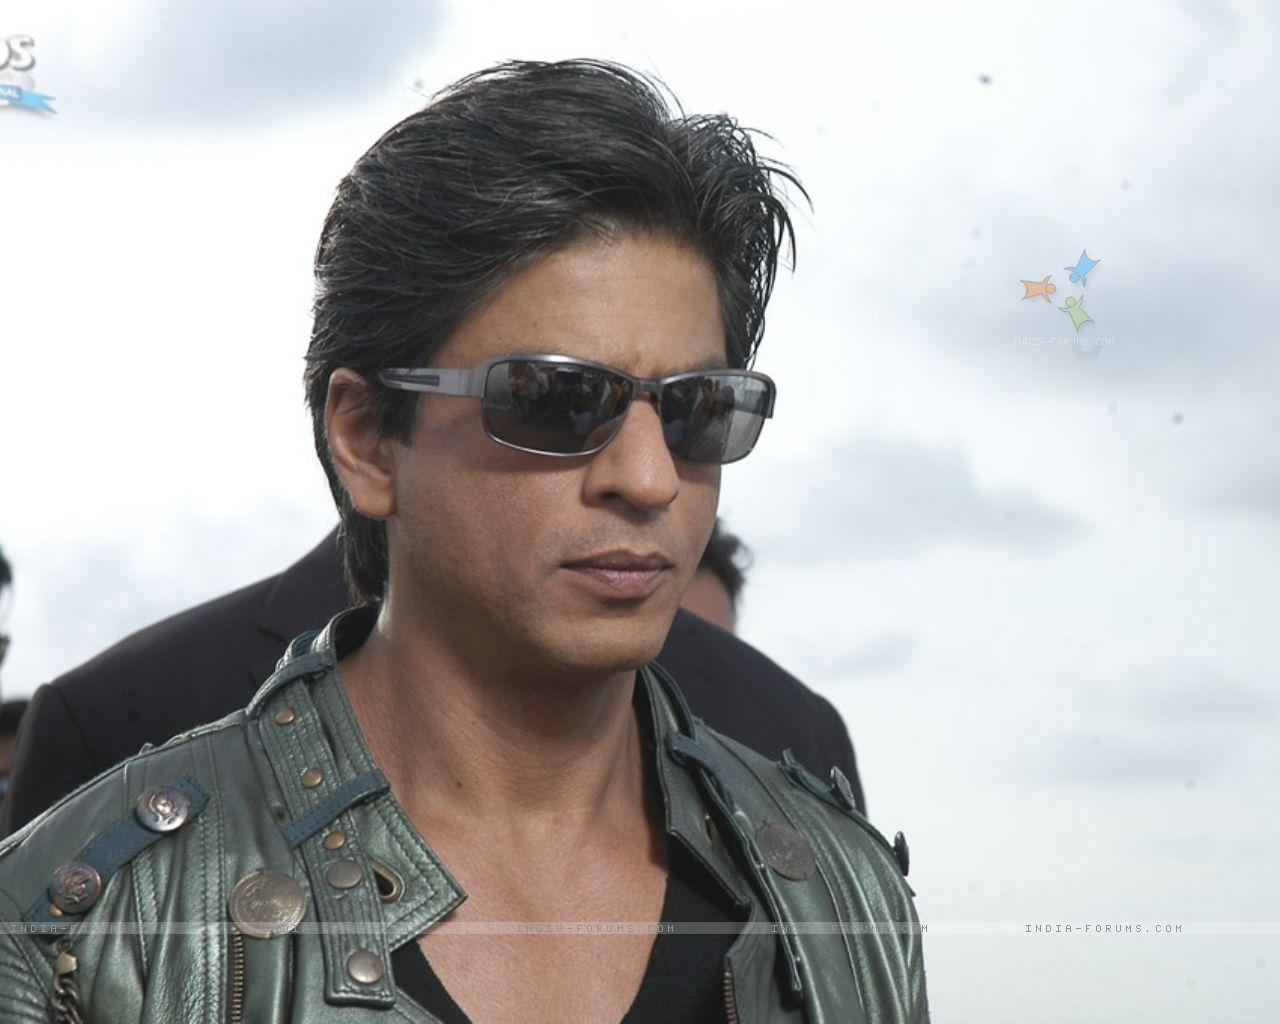 http://2.bp.blogspot.com/-z84na2lSbbs/TilyJk0jLtI/AAAAAAAAASk/e4ZVXggvZ0k/s1600/Shahrukh-Khan-Hot-Wallpapers-white.jpg